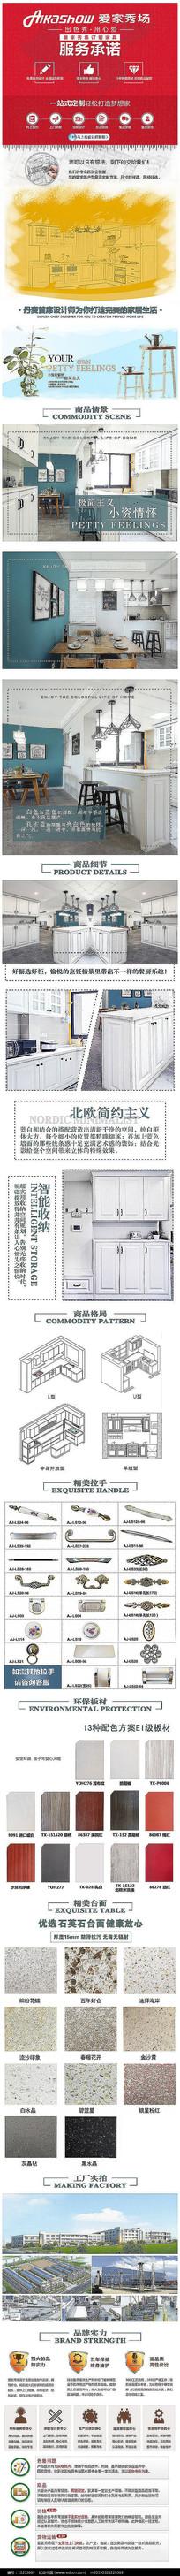 小清新家居设计详情页模板